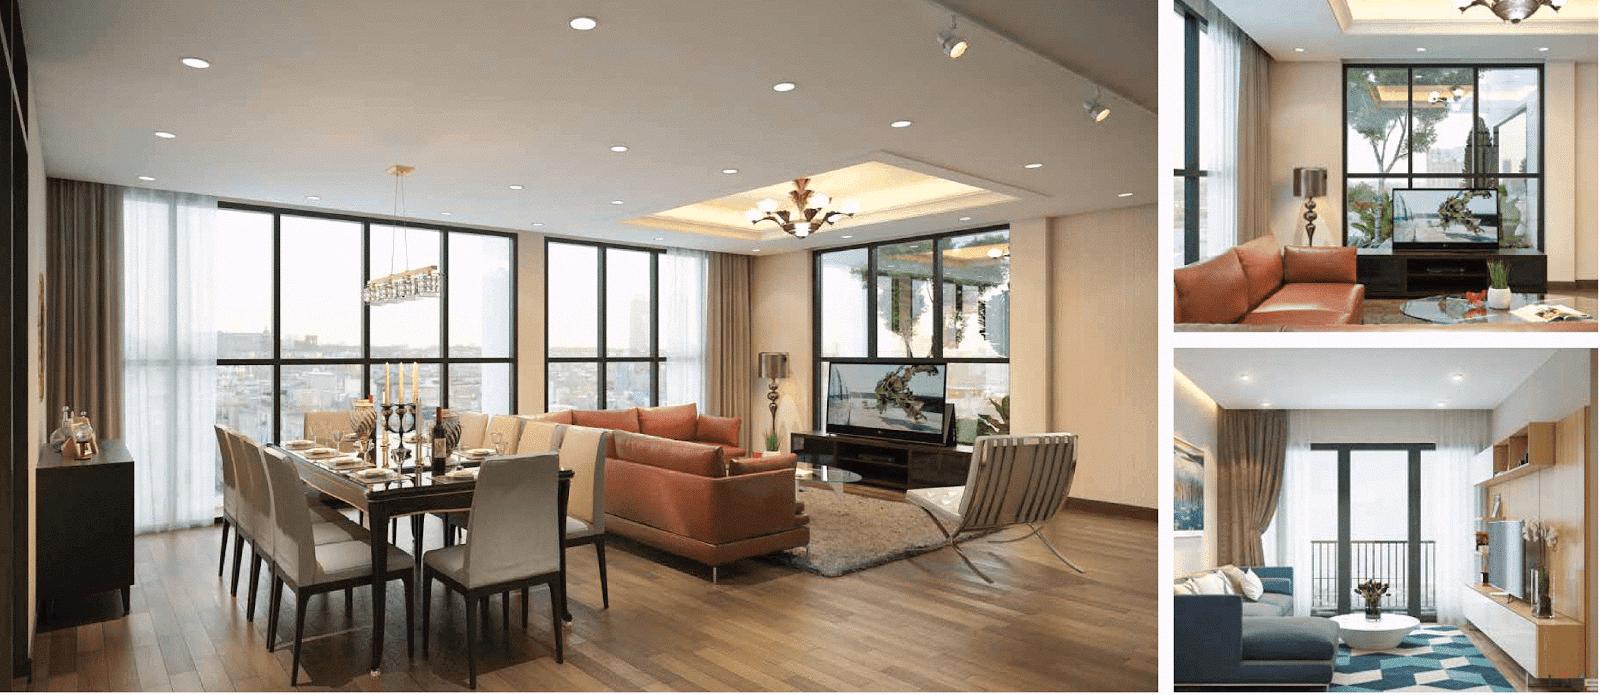 Thiết kế nội thất đặc sắc tại dự án chung cư 93 Láng Hạ